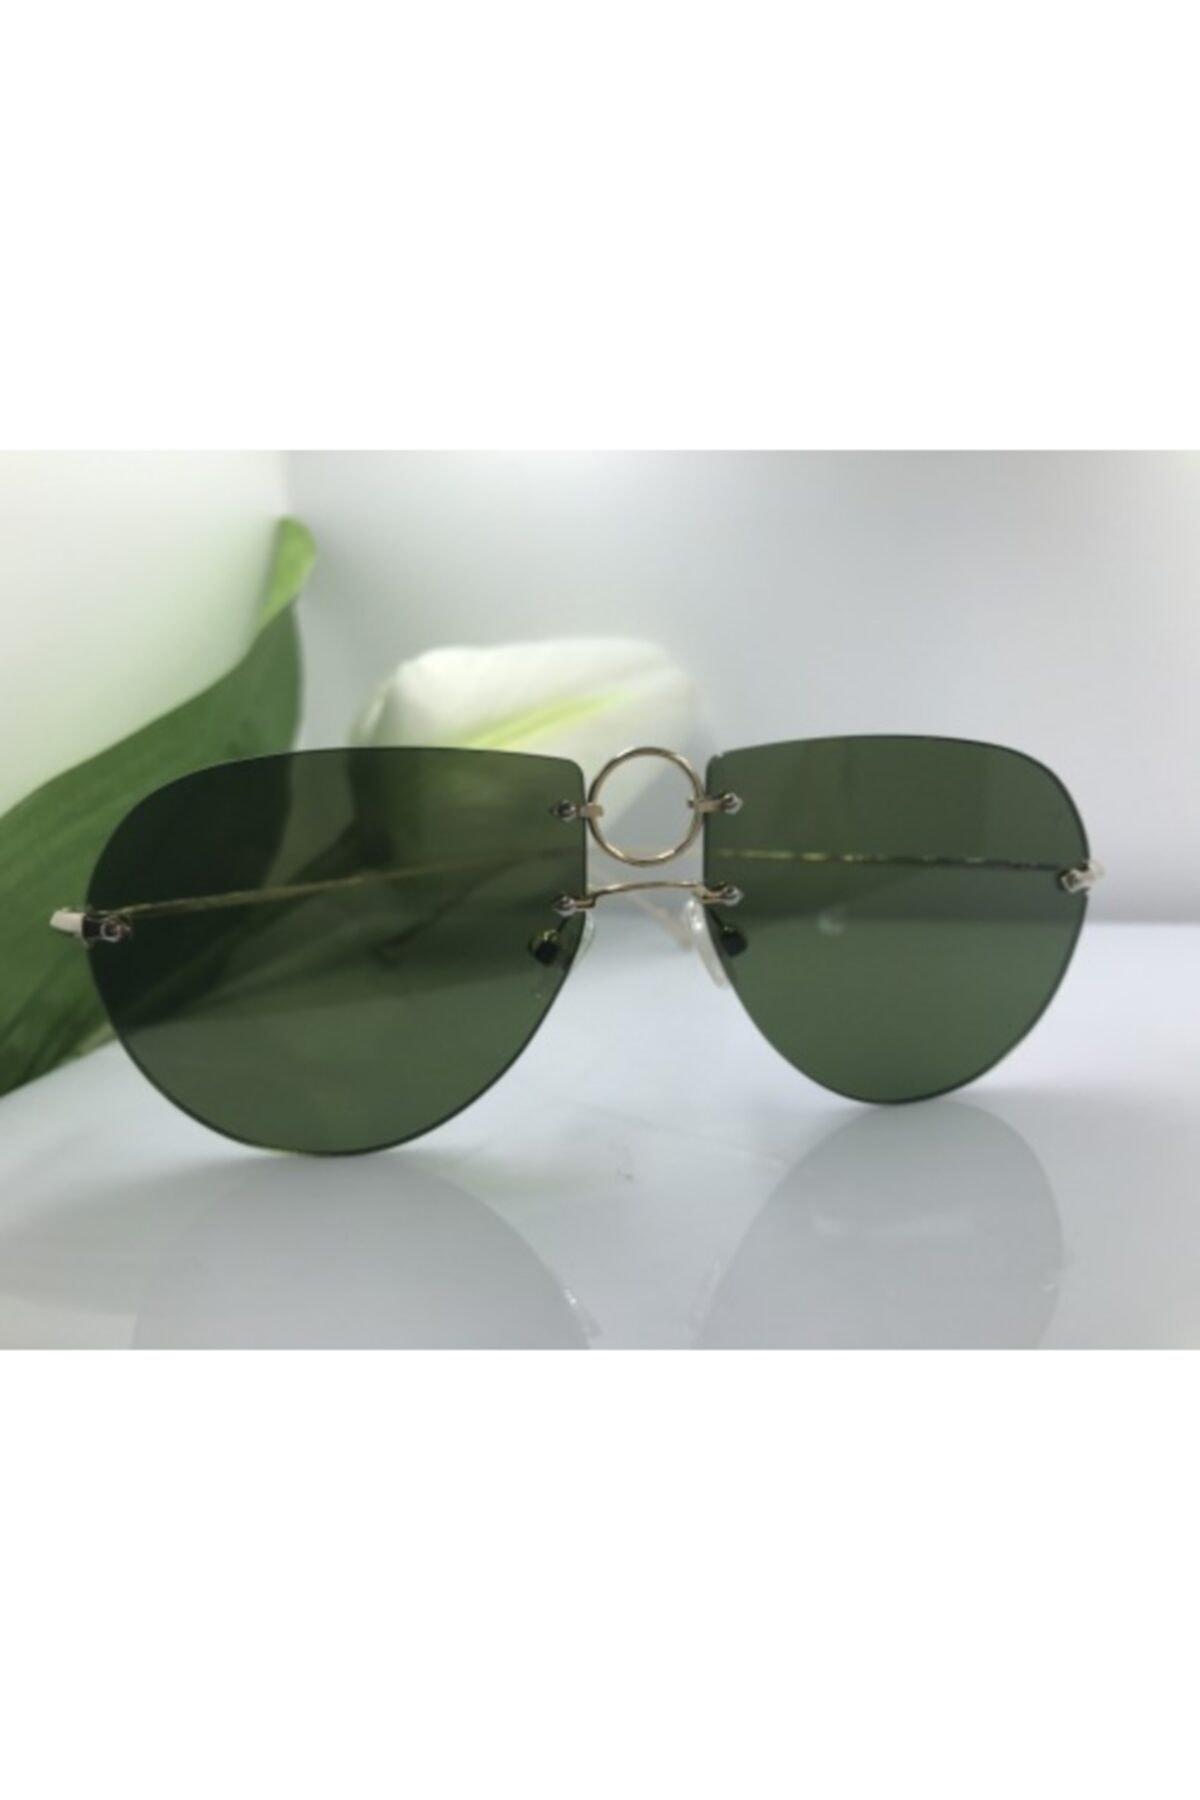 عینک دودی مردانه 2021 برند Eyepetizer  رنگ سبز کد ty51881572